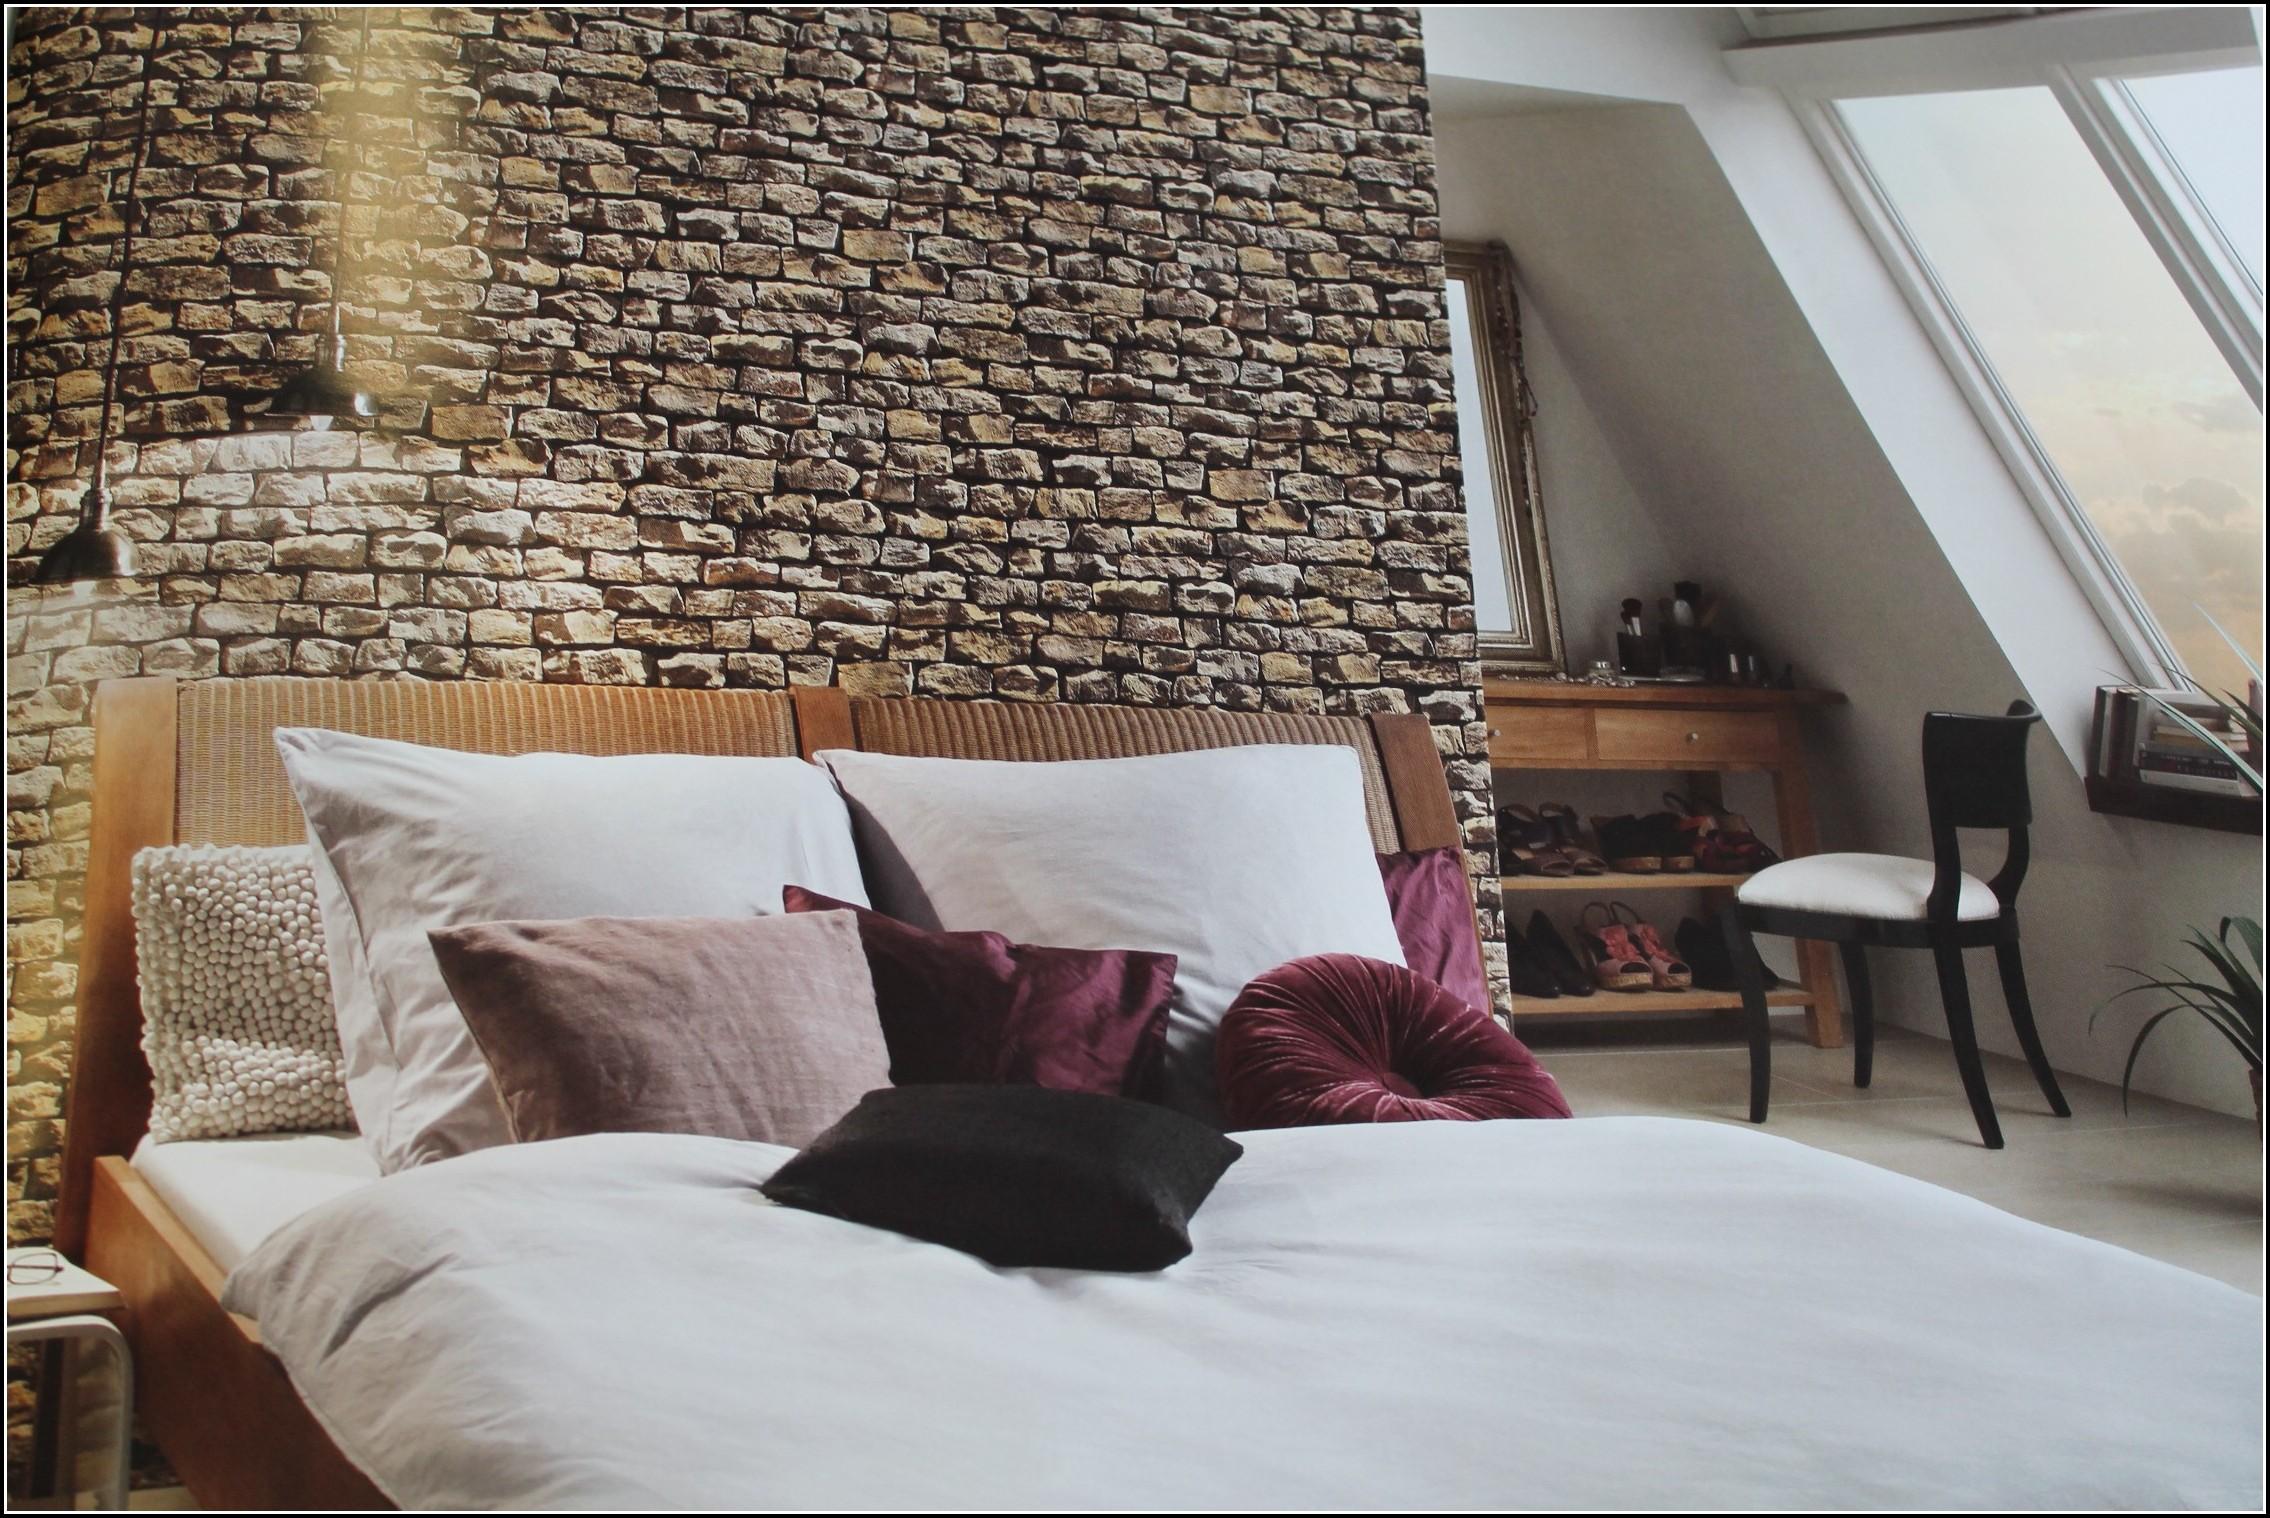 Tapeten schlafzimmer schlafzimmer house und dekor galerie dx1eyja1gl - Tapeten schlafzimmer ...